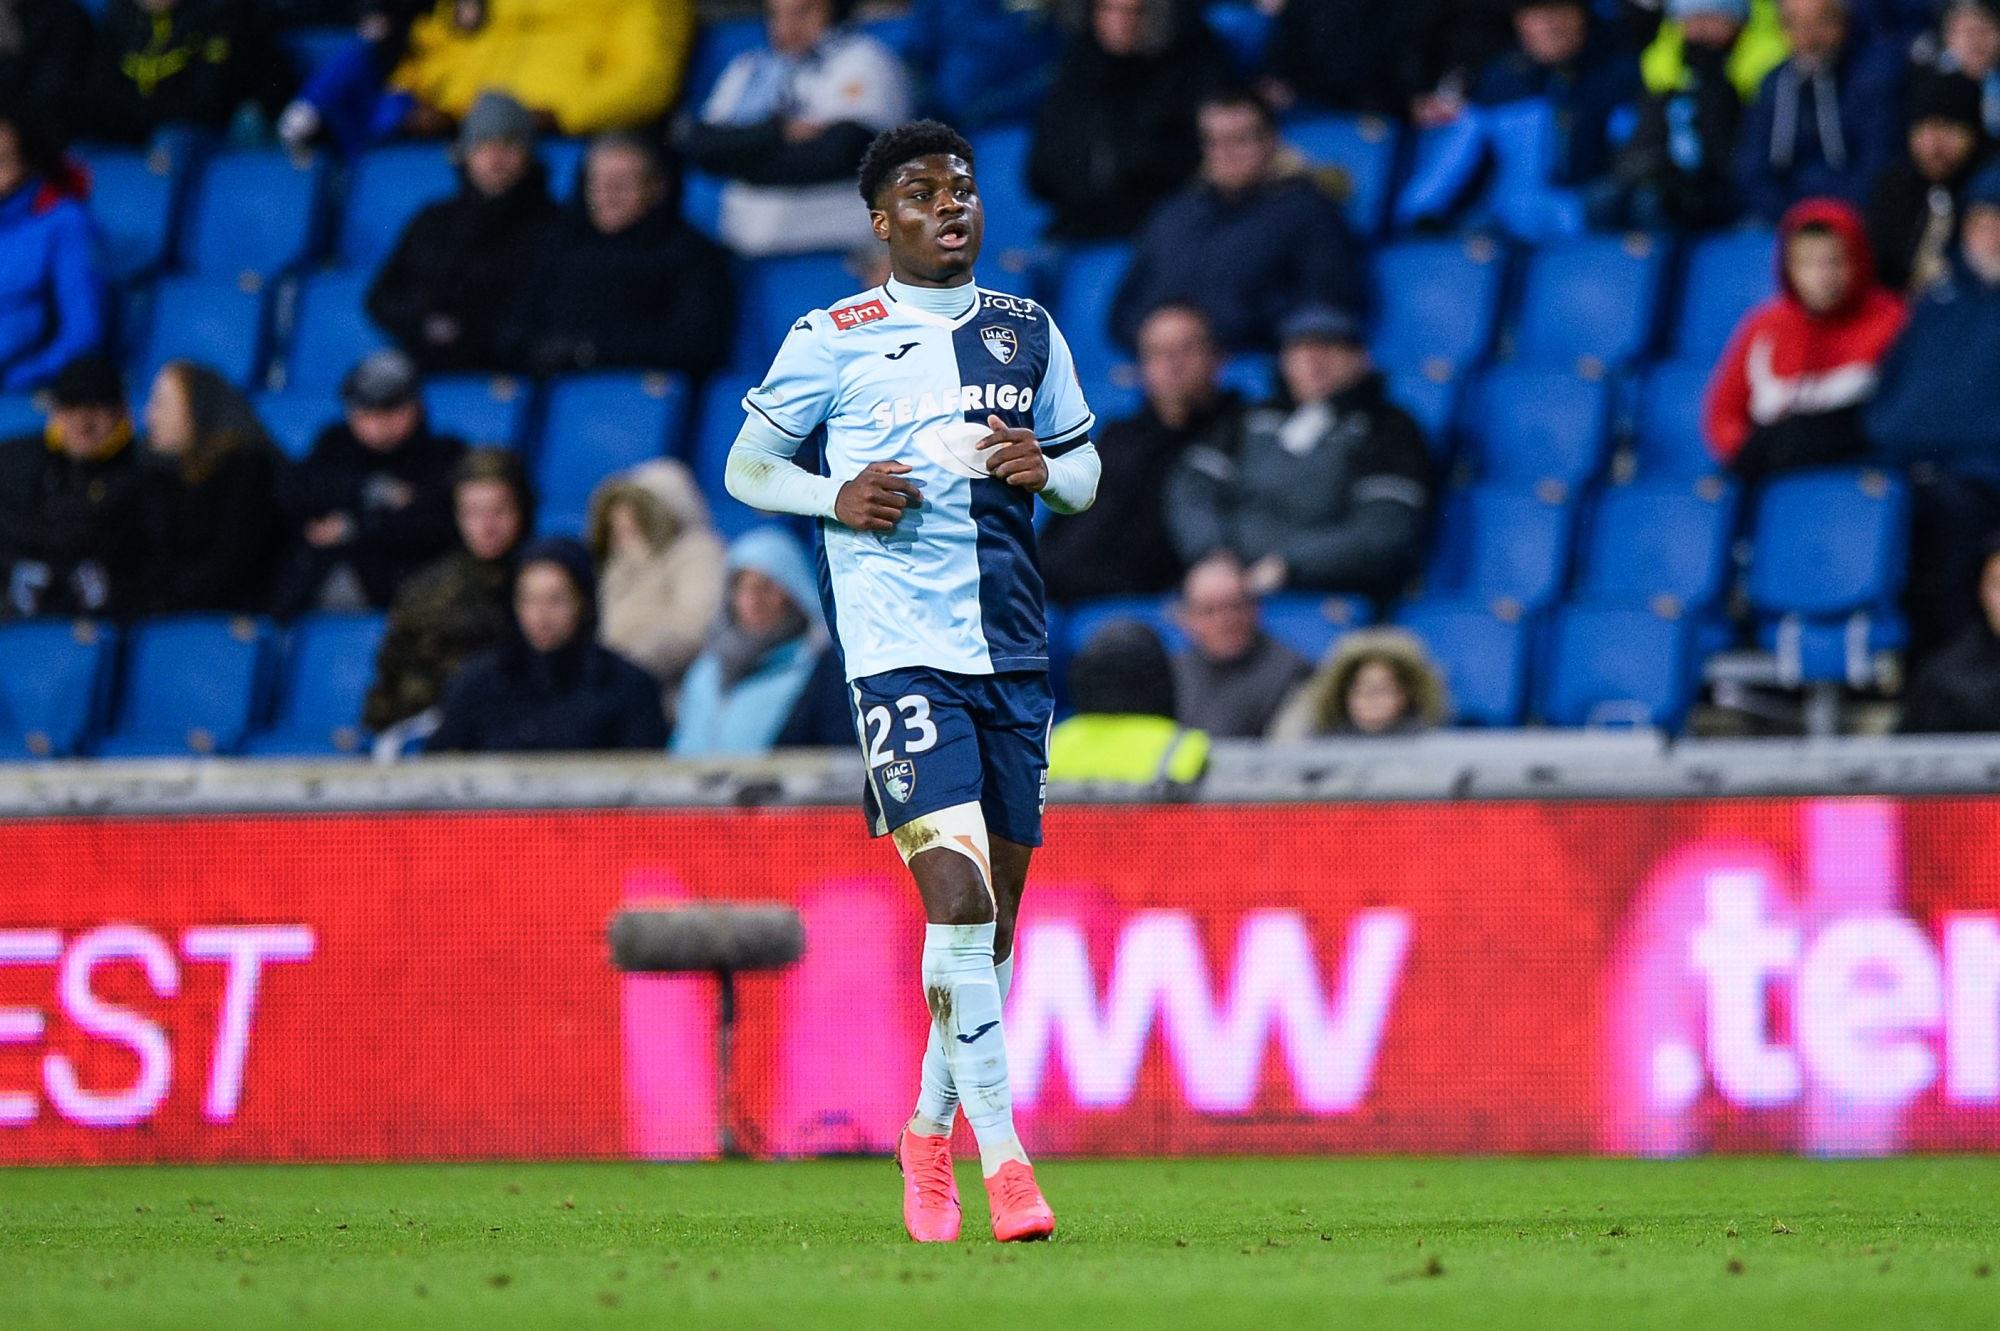 Mercato - Le prêt de Dina Ebimbe à Dijon confirmé par RMC Sport, qui évoque une option d'achat